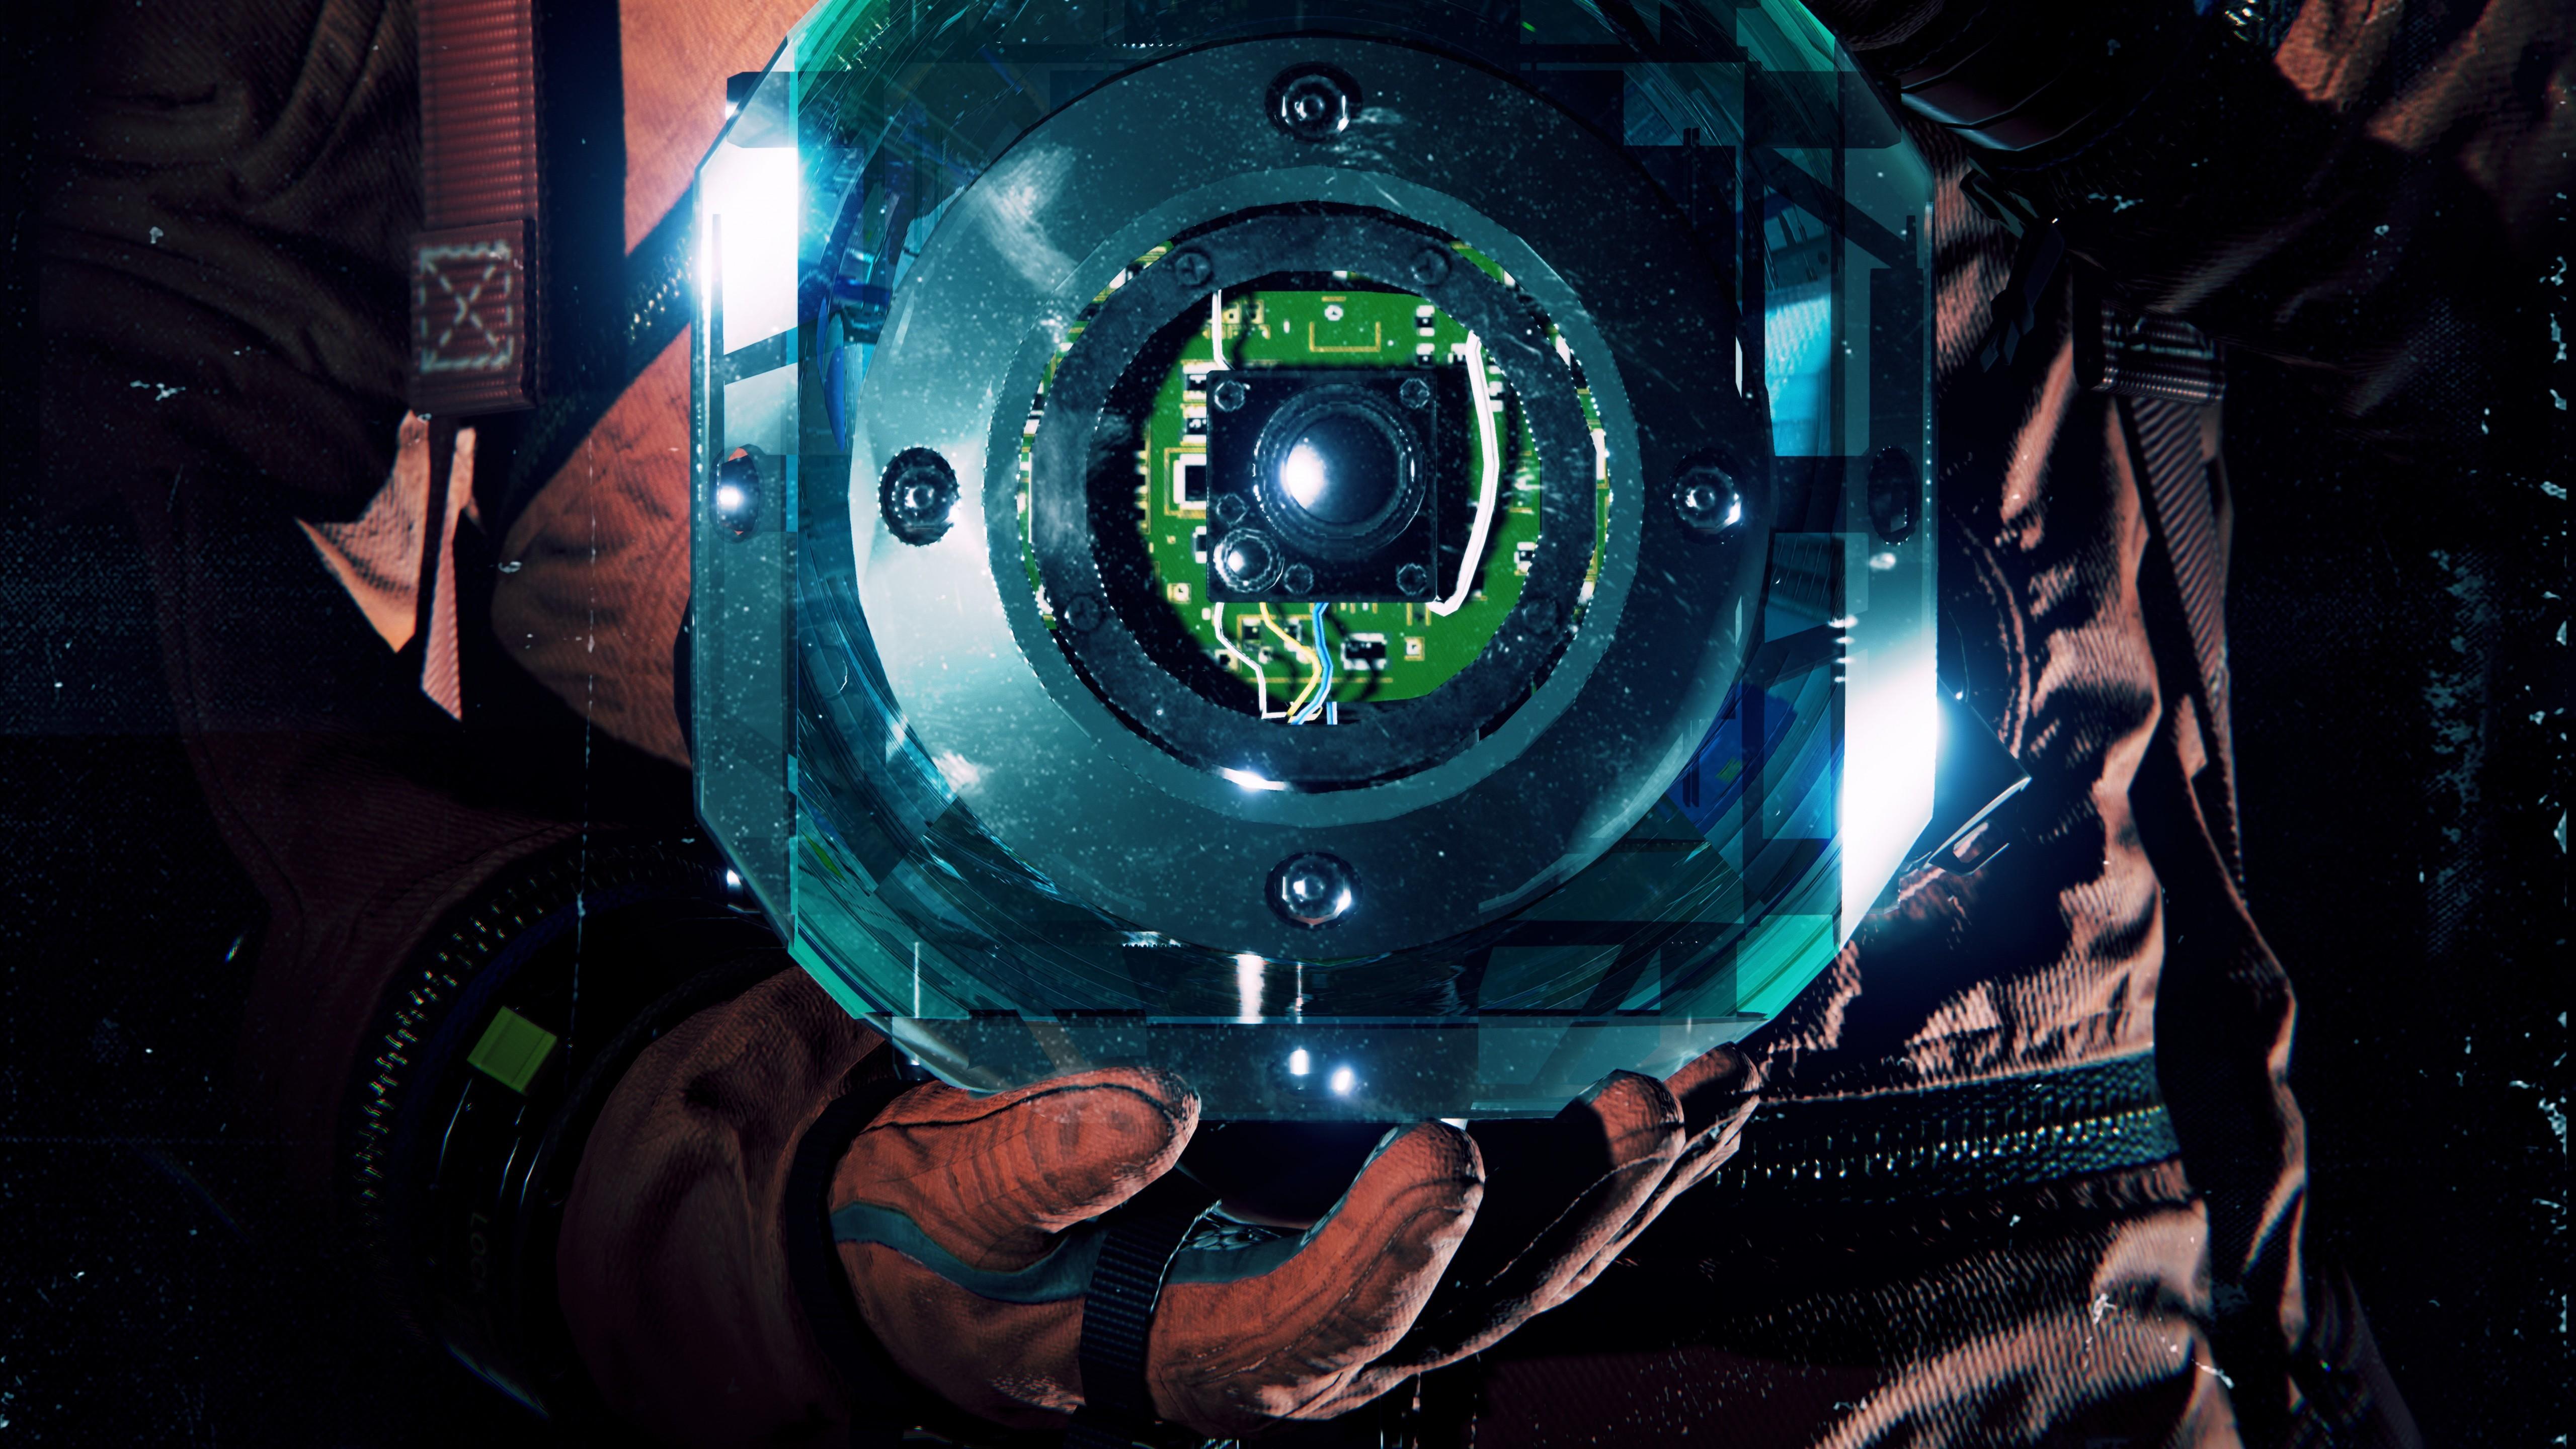 Wallpaper Observation poster 5K Games 21526 5120x2880